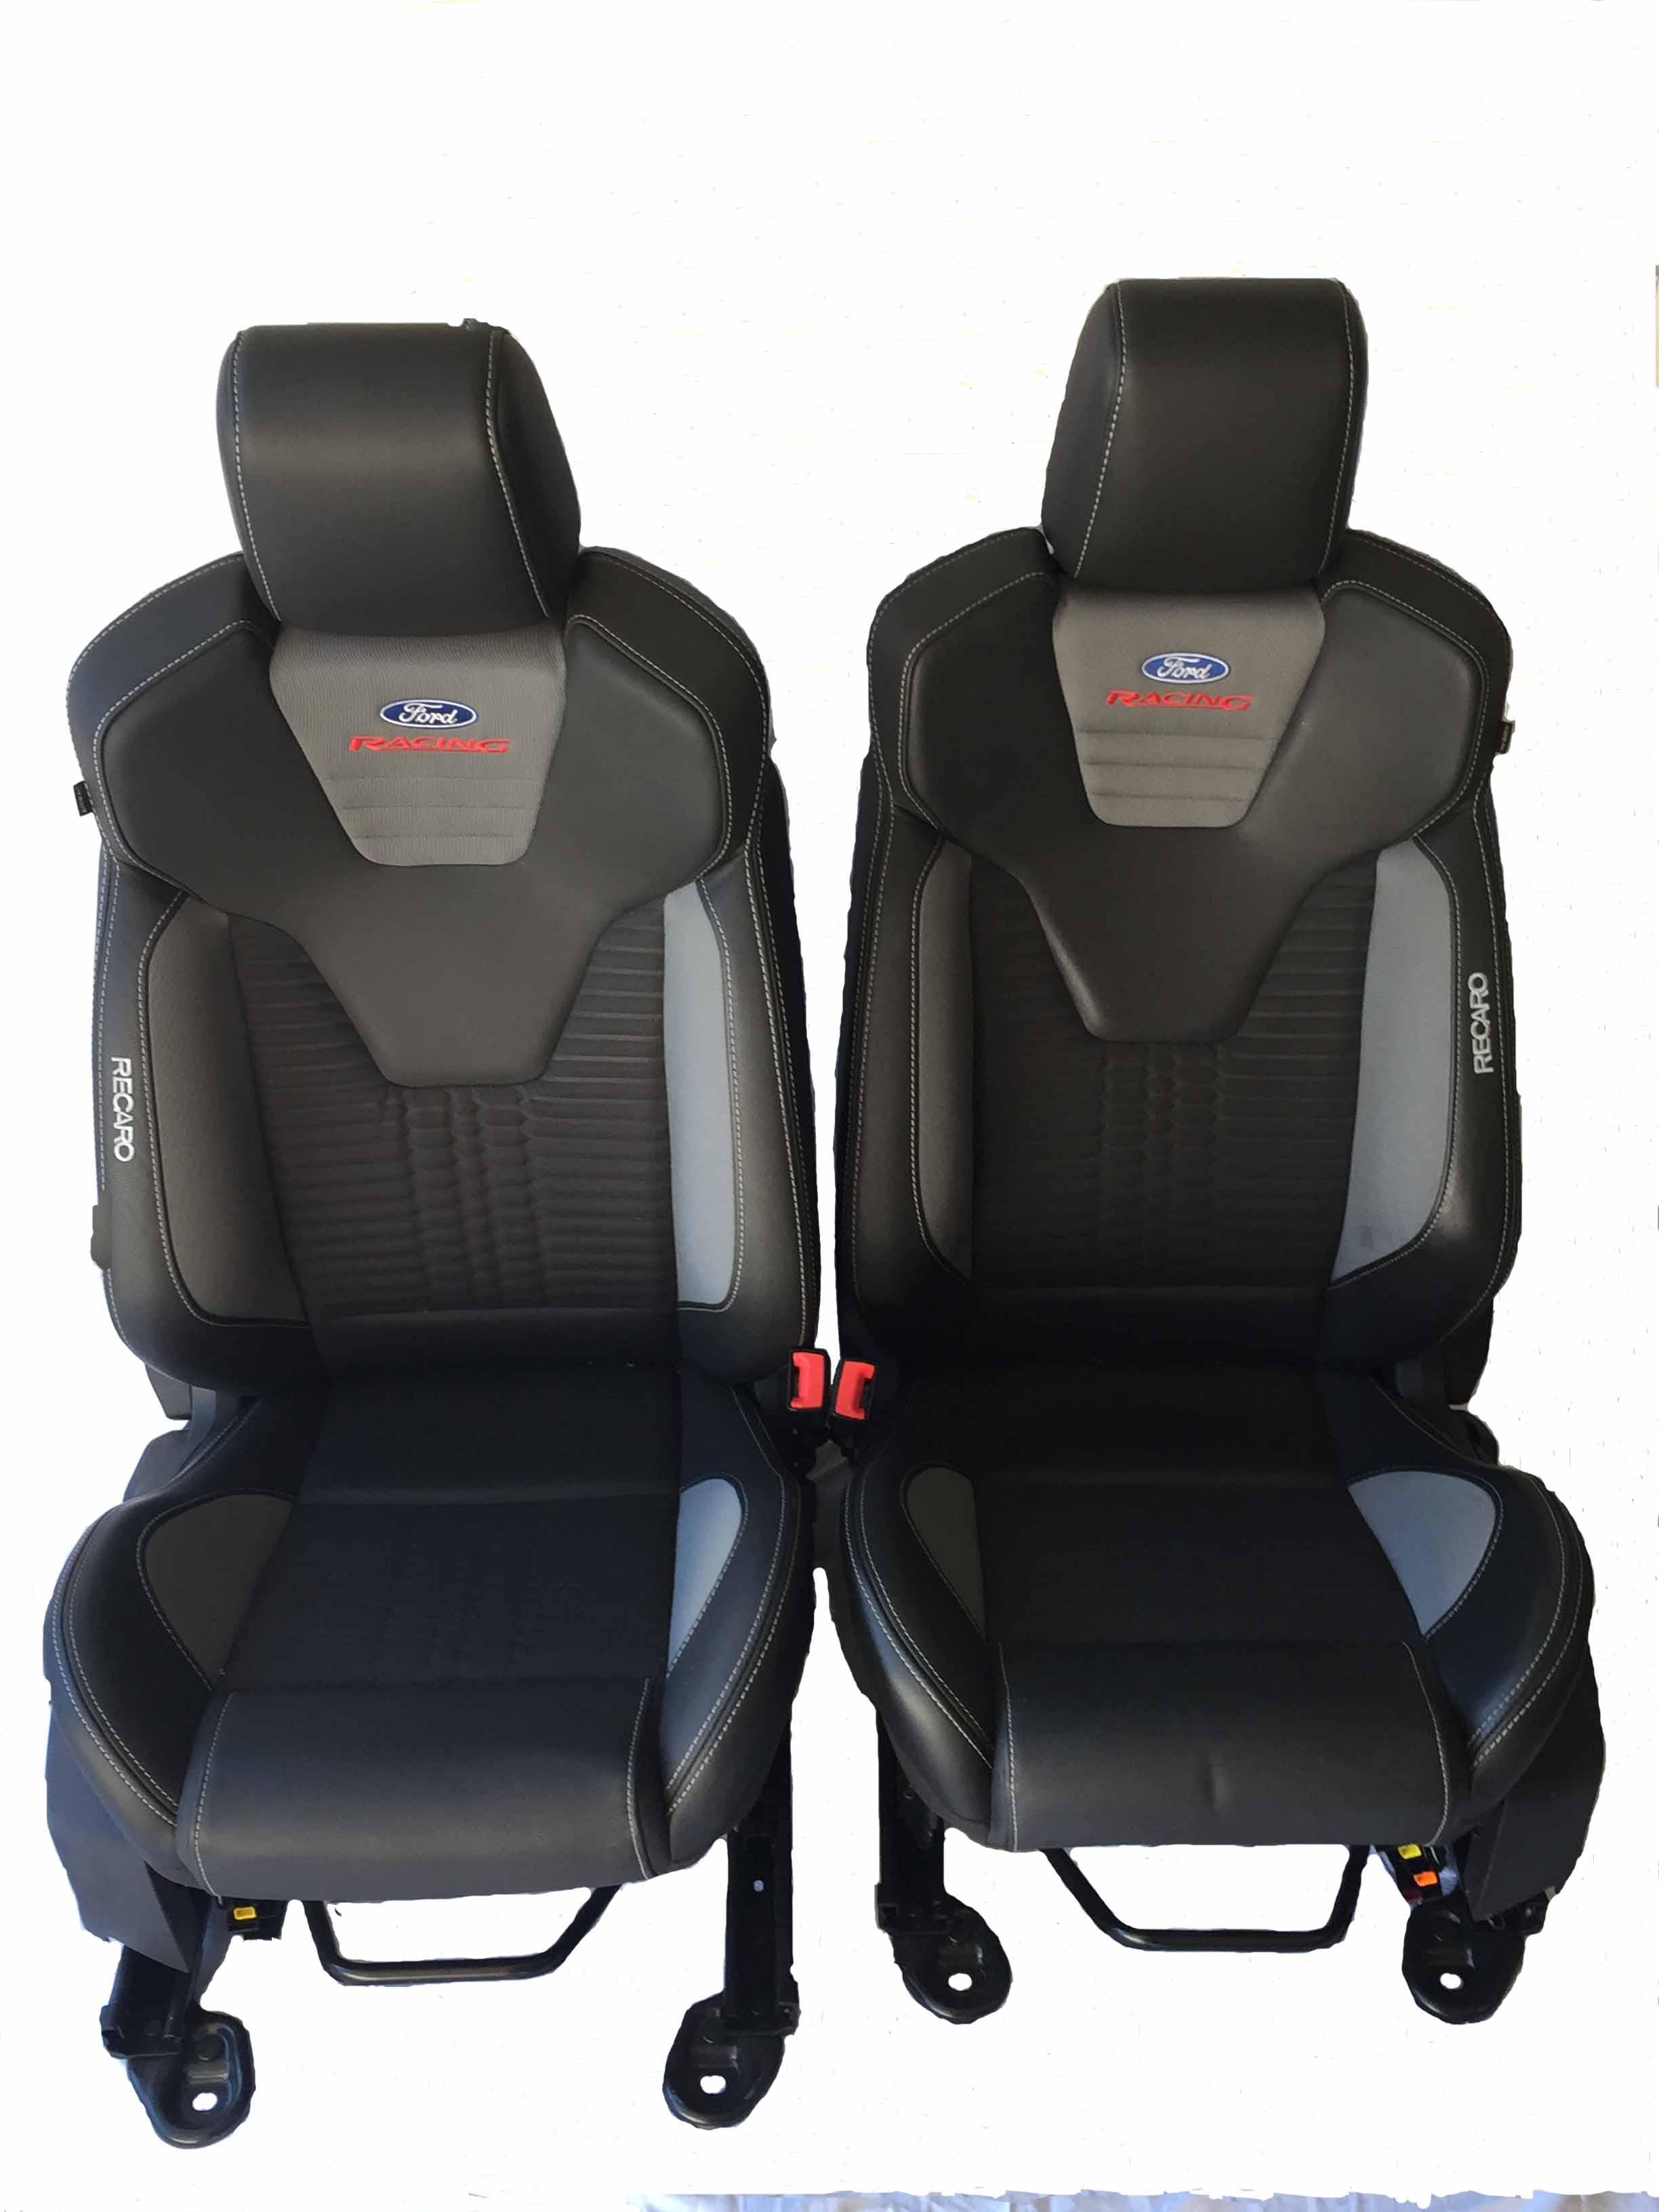 F/S Focus Recaro Seats-seats-fost-2.jpg